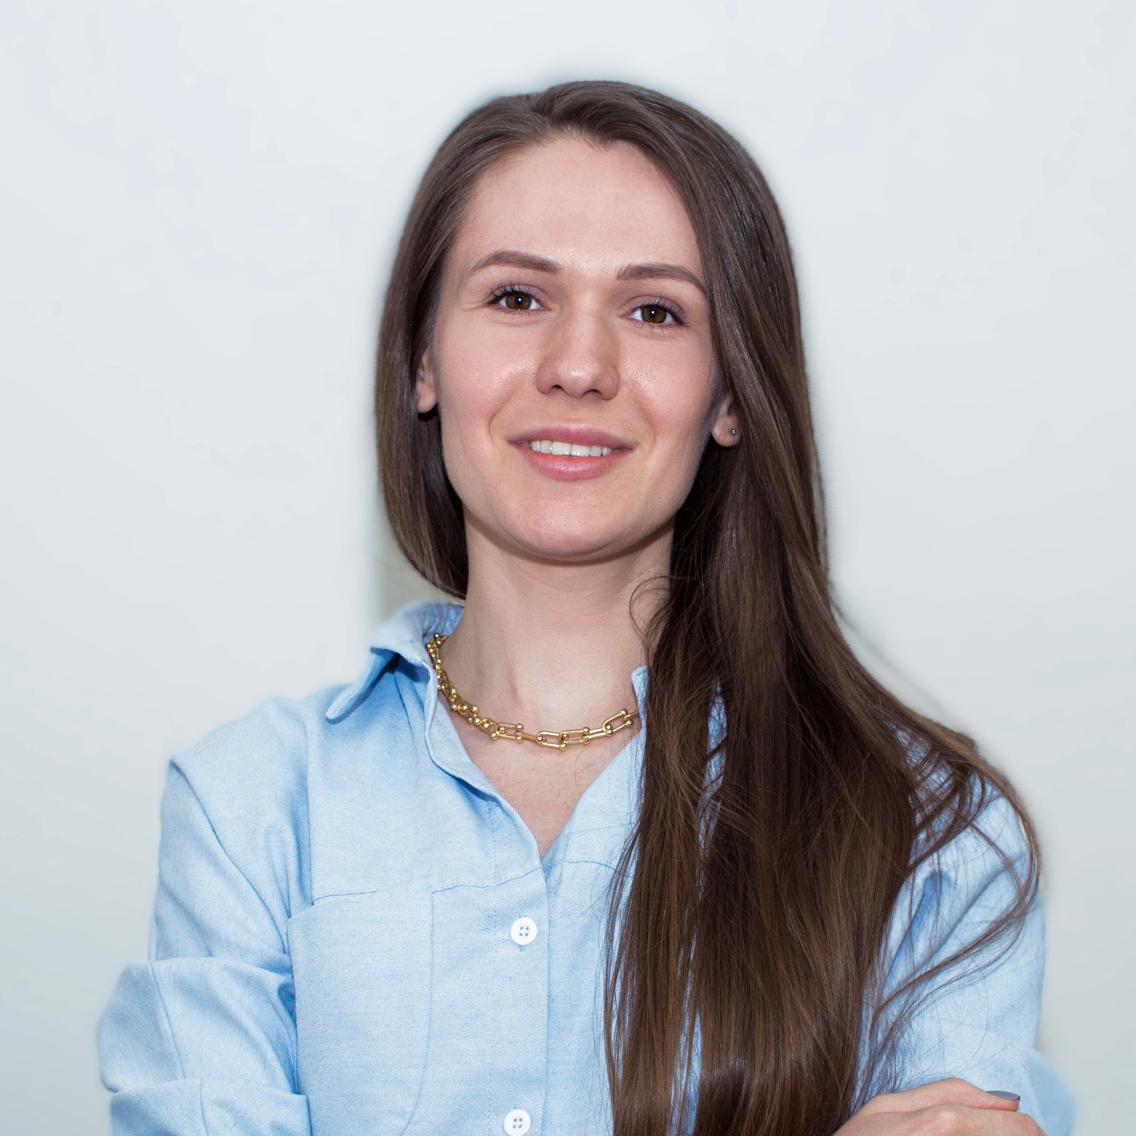 Кристина Виролайнен,  UiPath sq — копия